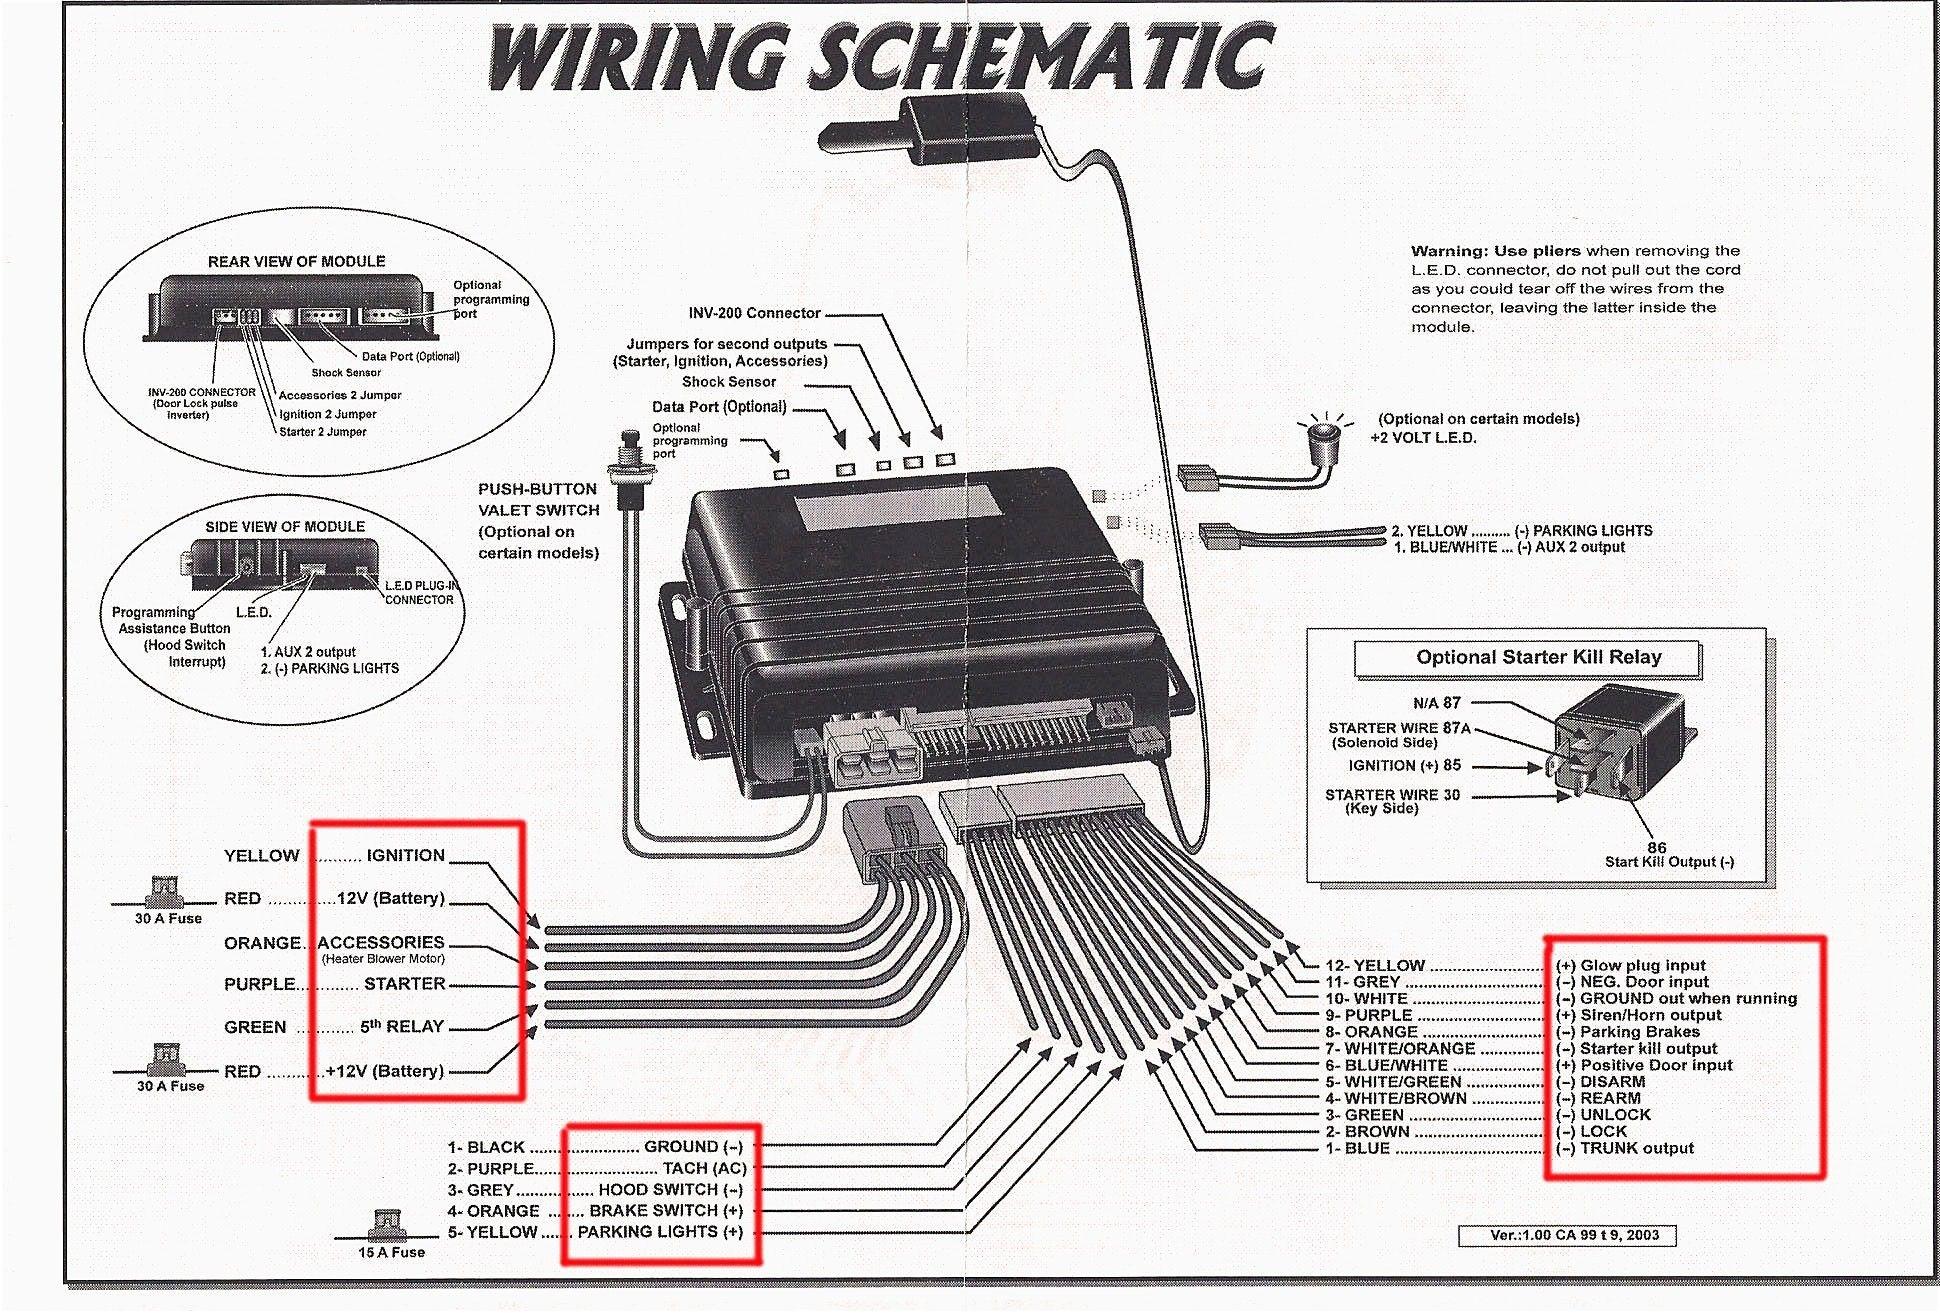 Wiring Diagram For Home Alarm System Diagram Diagramtemplate Diagramsample Alarmas Para Autos Diagrama De Circuito Electrico Audio De Automoviles